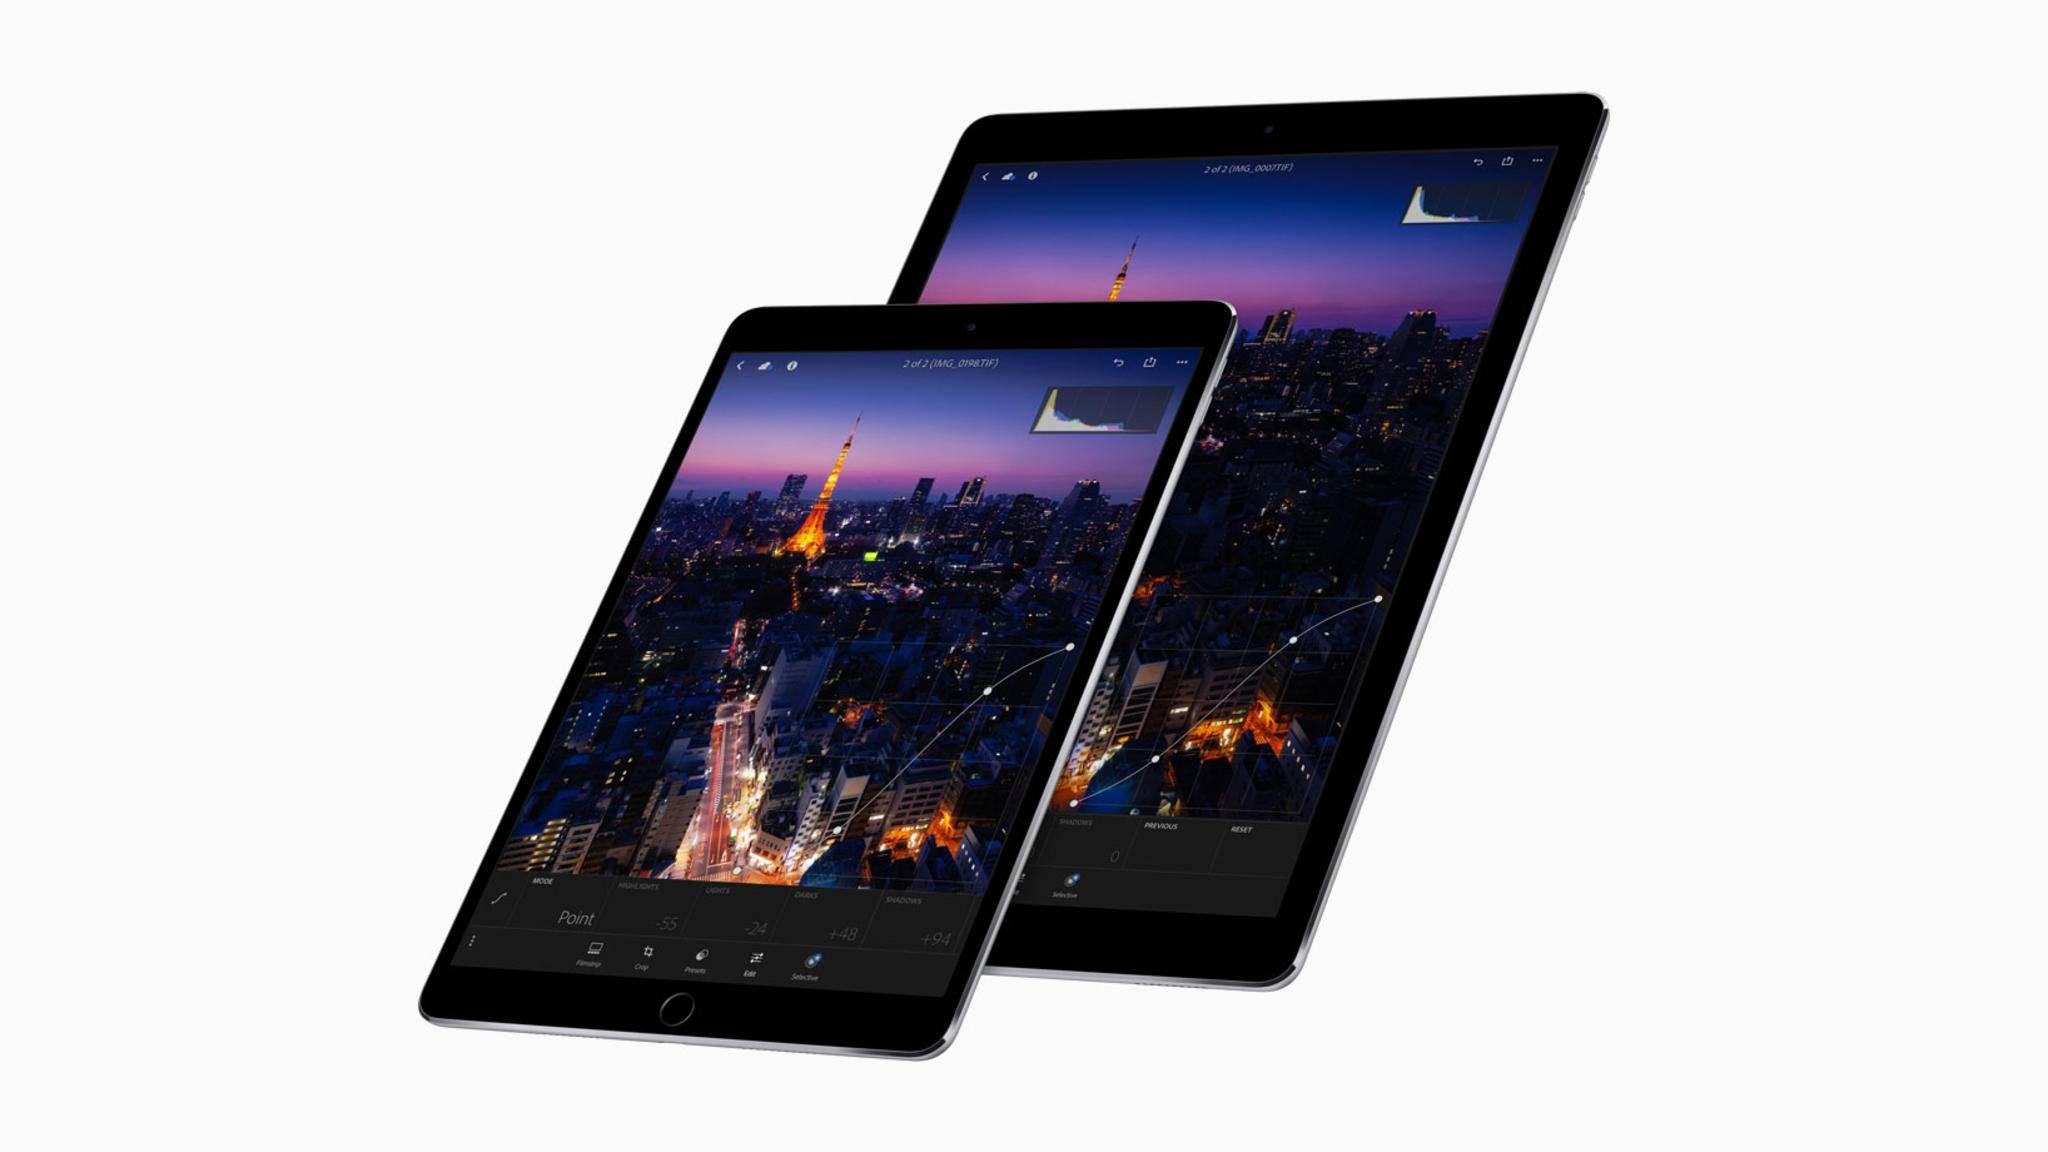 Selbst das größere iPad Pro 12.9 (2017) ist mobiler als das Surface Pro (2017).